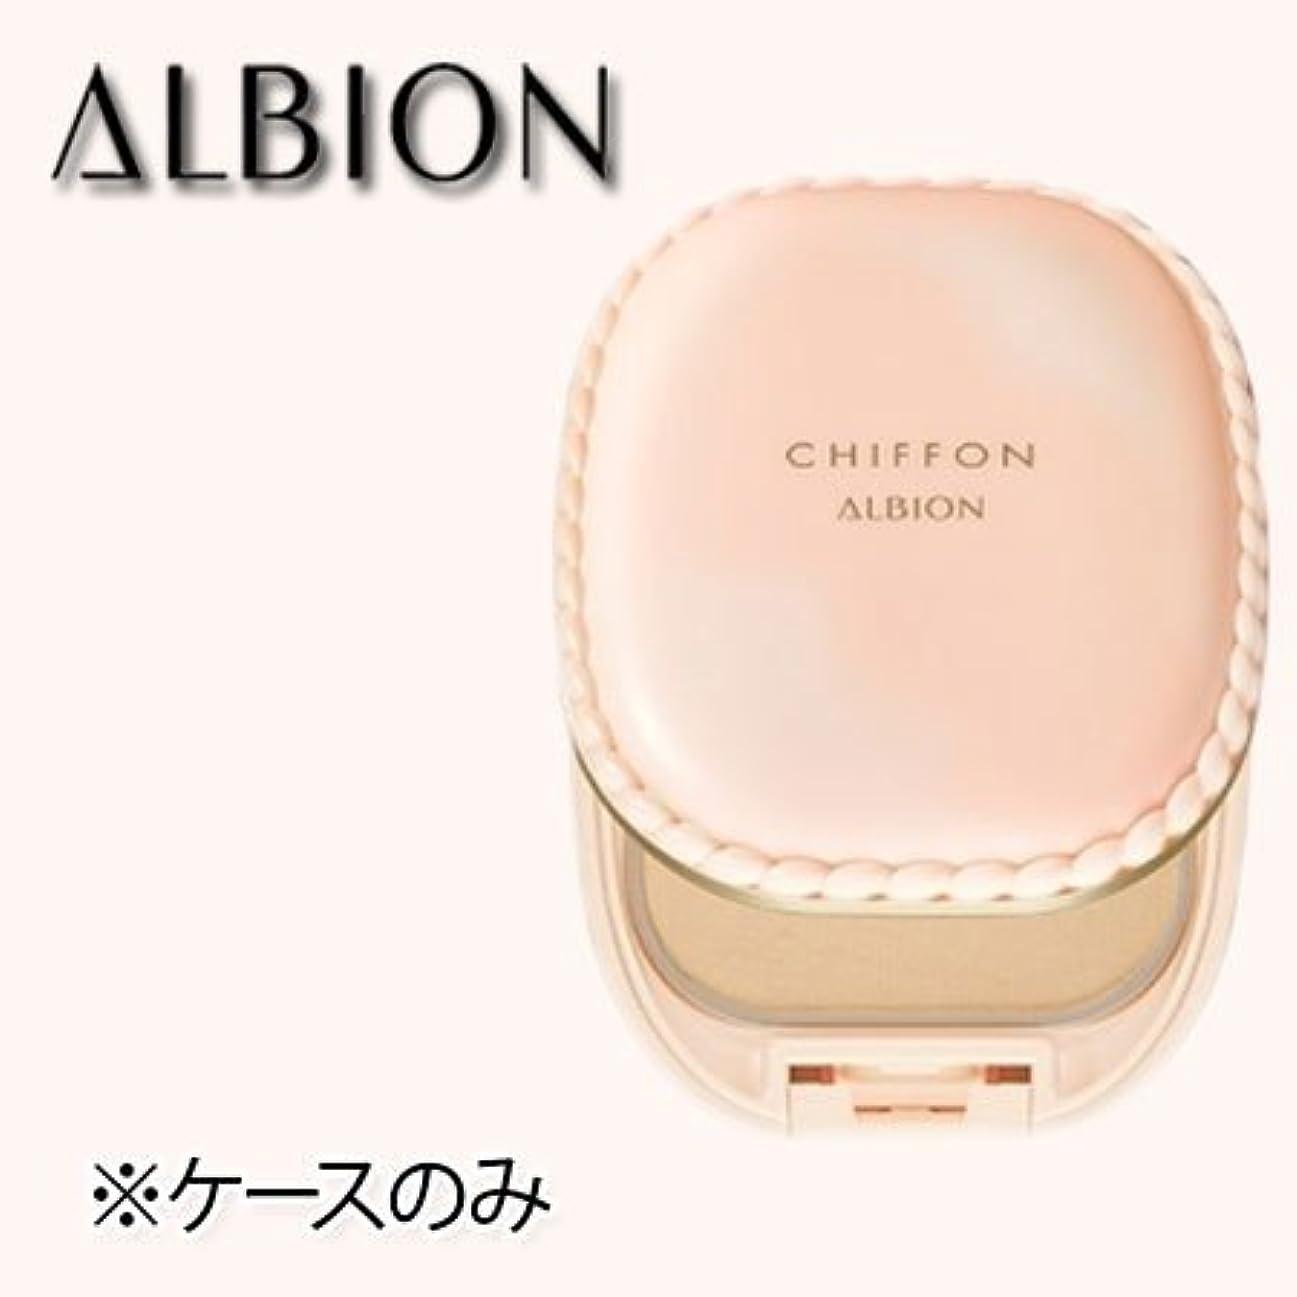 髄クリームにぎやかアルビオン スウィート モイスチュア シフォンケース (マット付ケース) -ALBION-